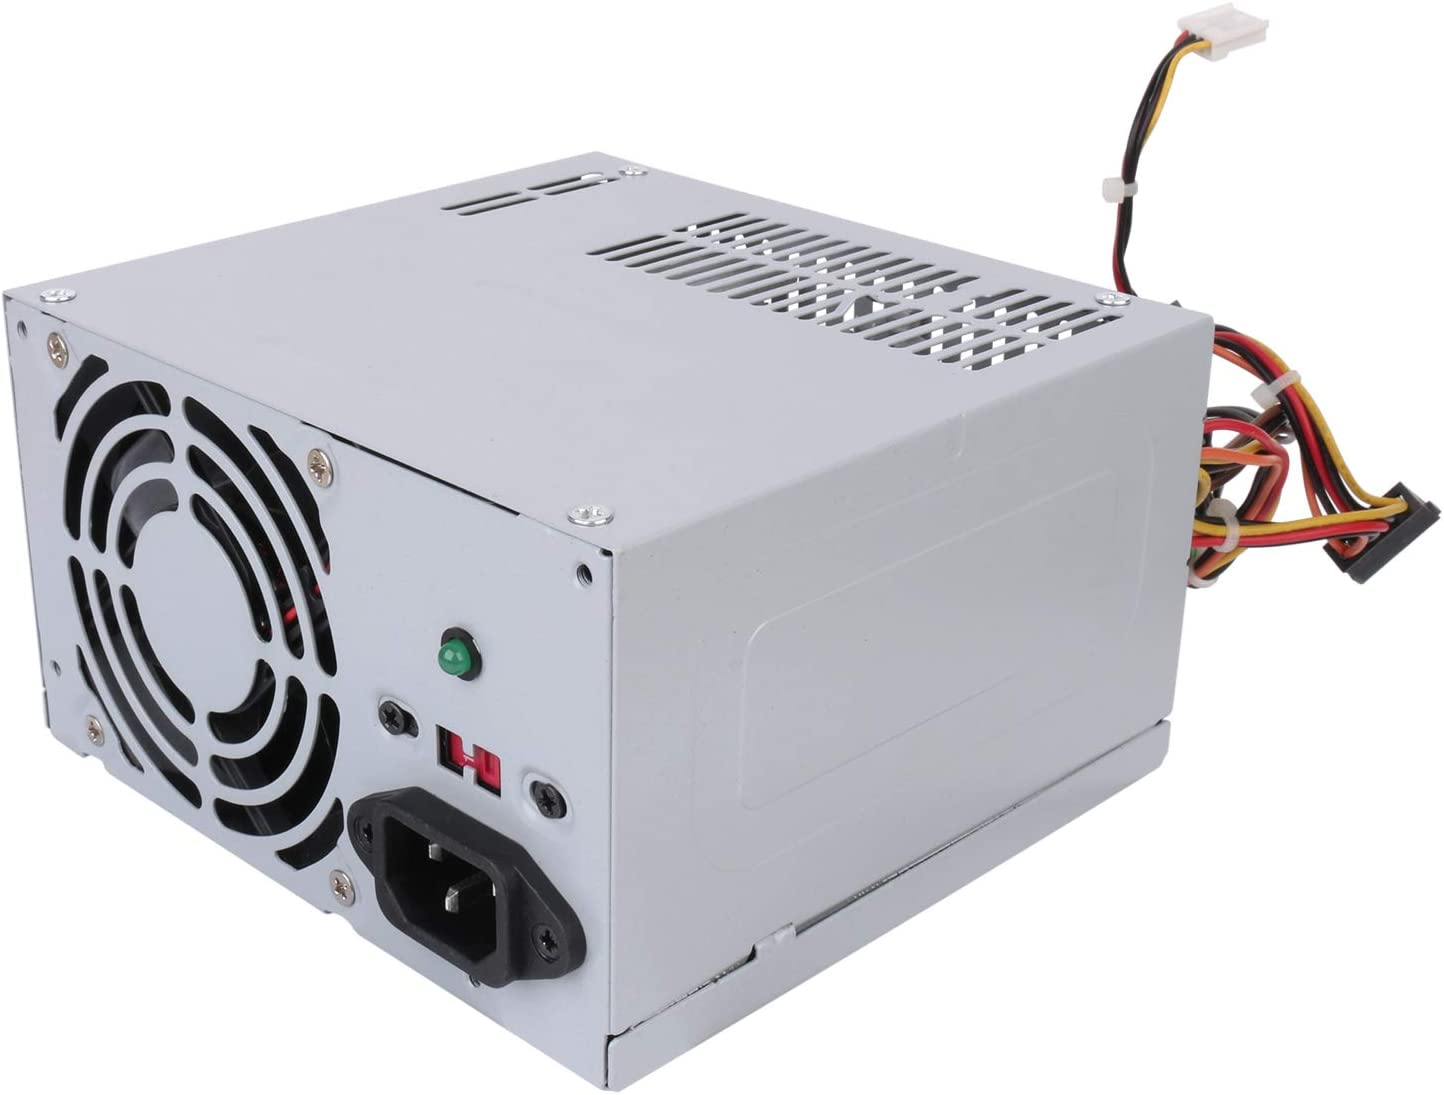 Li-SUN 300W Power Supply Replacement for Dell Vostro 200 201 400 410 430 220 260// Studio 540 540S// Precision T1500// Inspiron 518 519 530 531 537 540 541 545 546 560 570 580 620 Mini Towers MT Systems